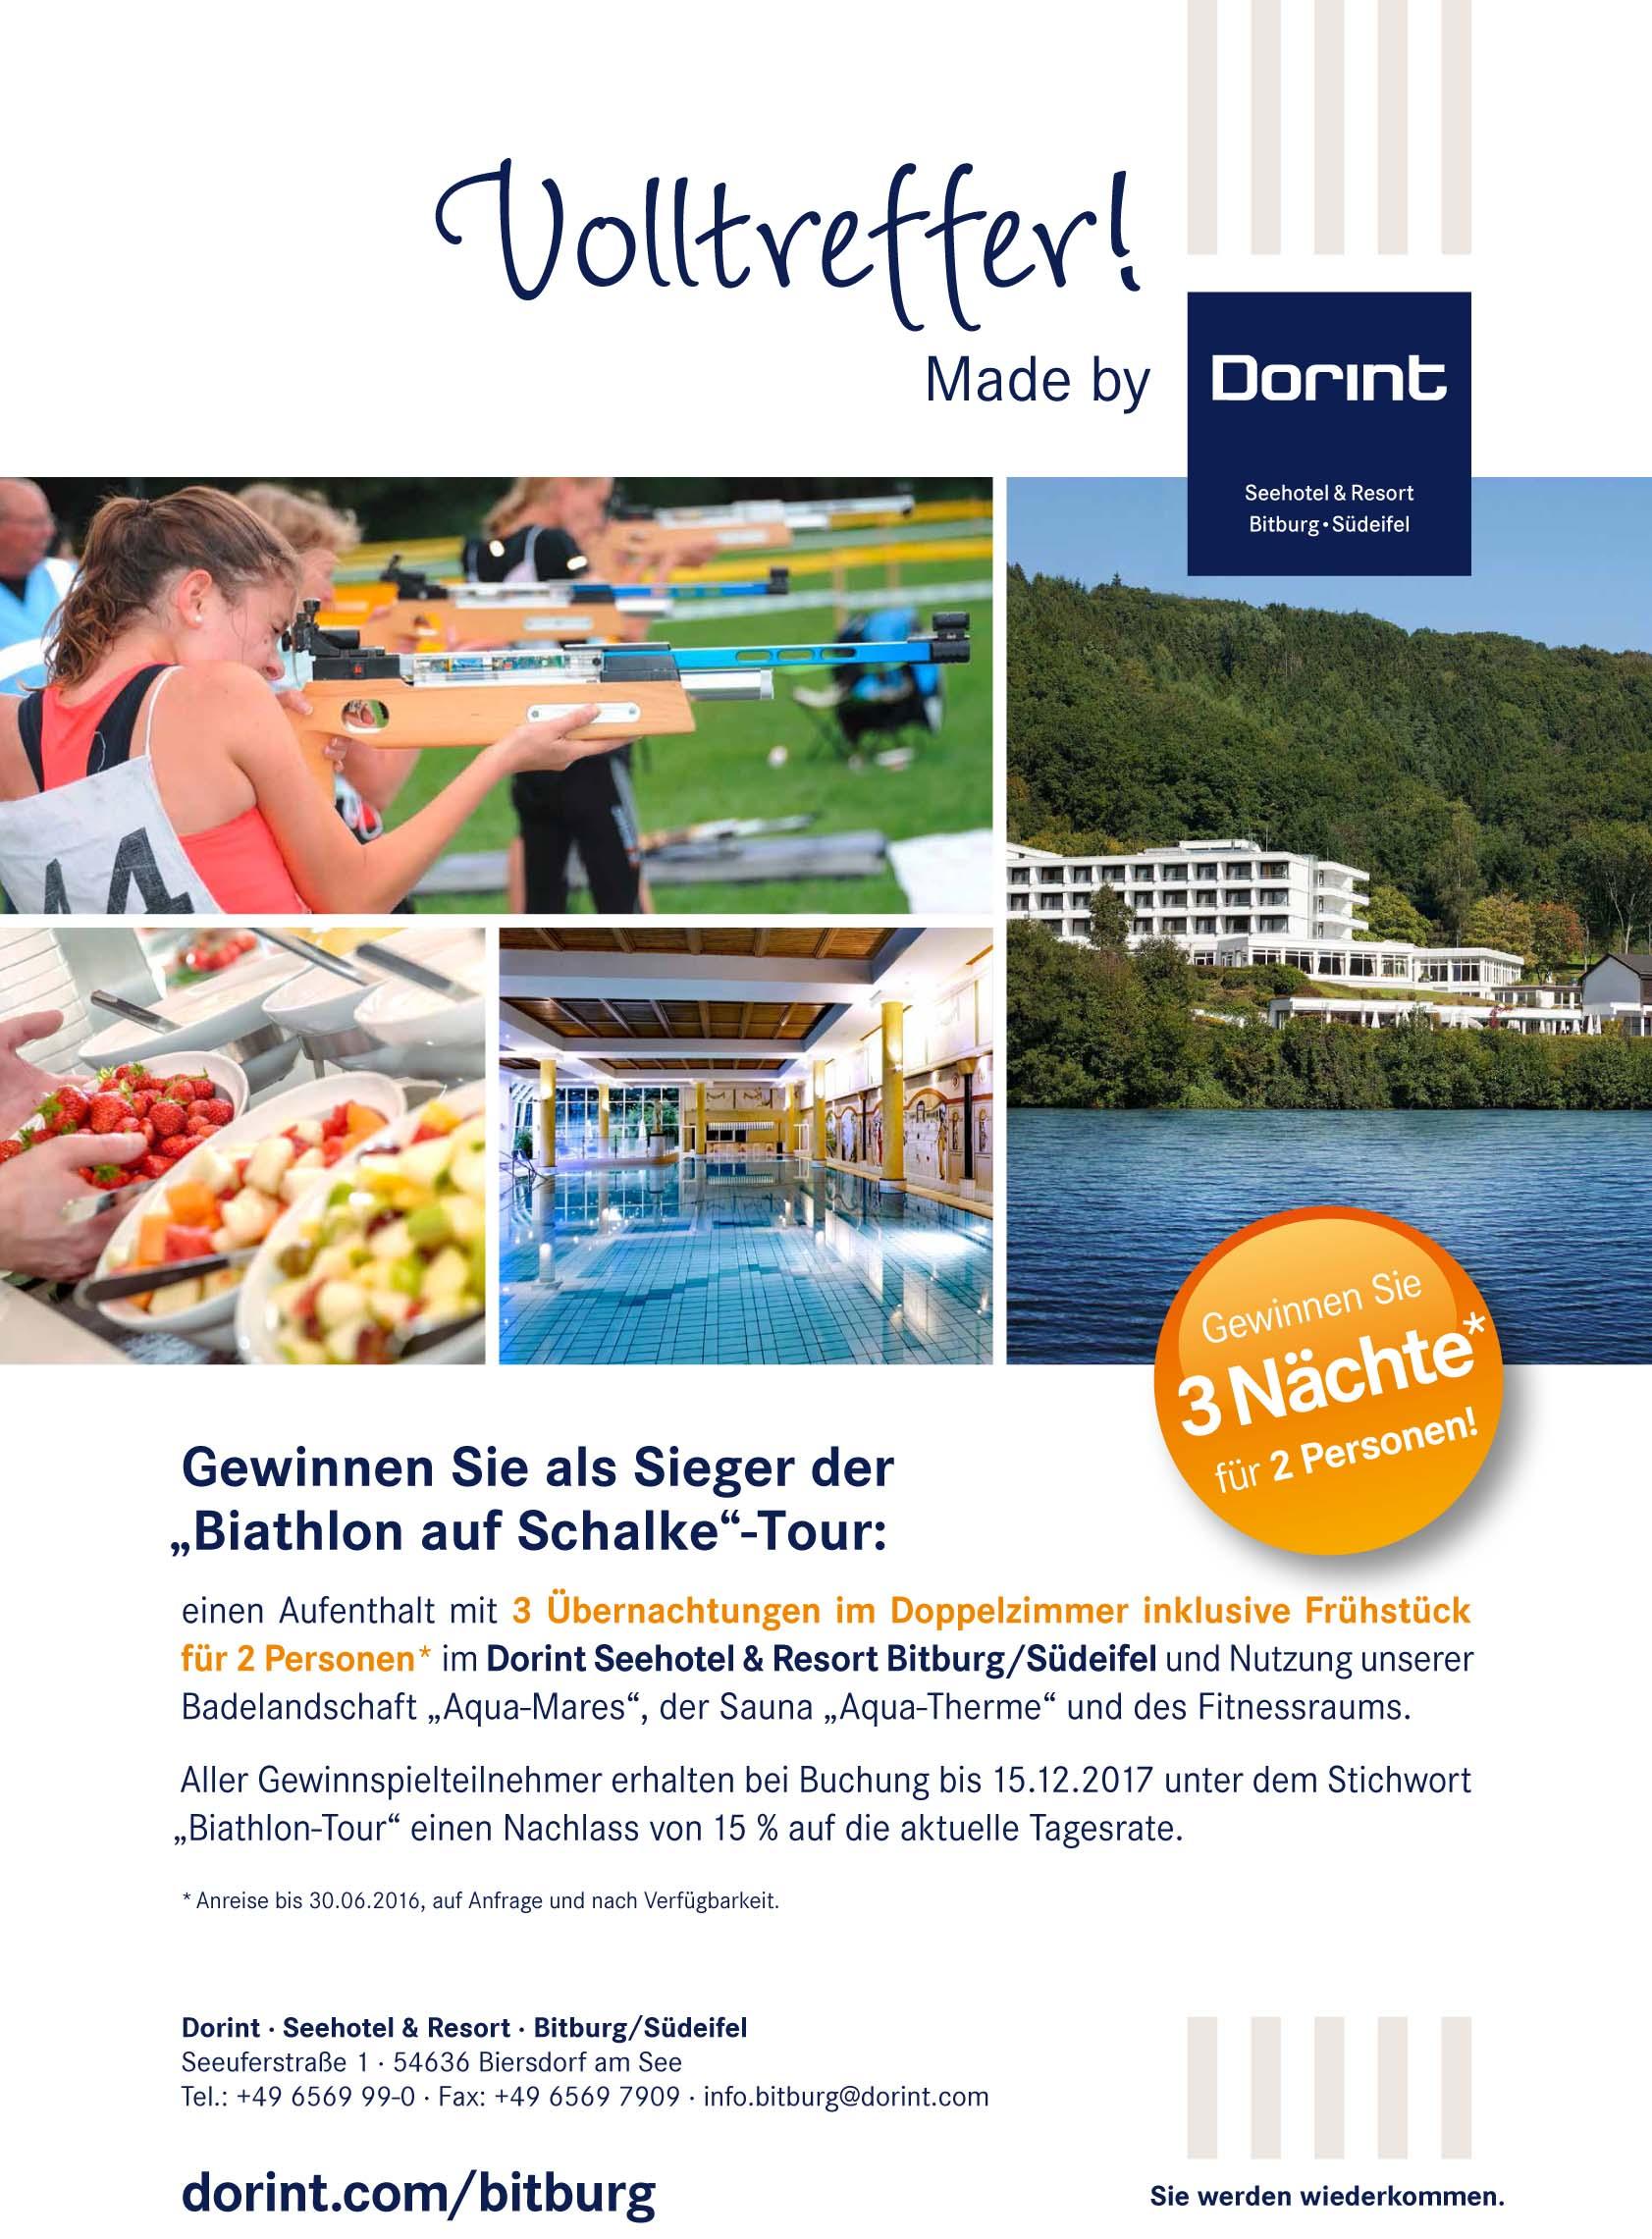 1057575_Poster A1 Biathlon_V2-1